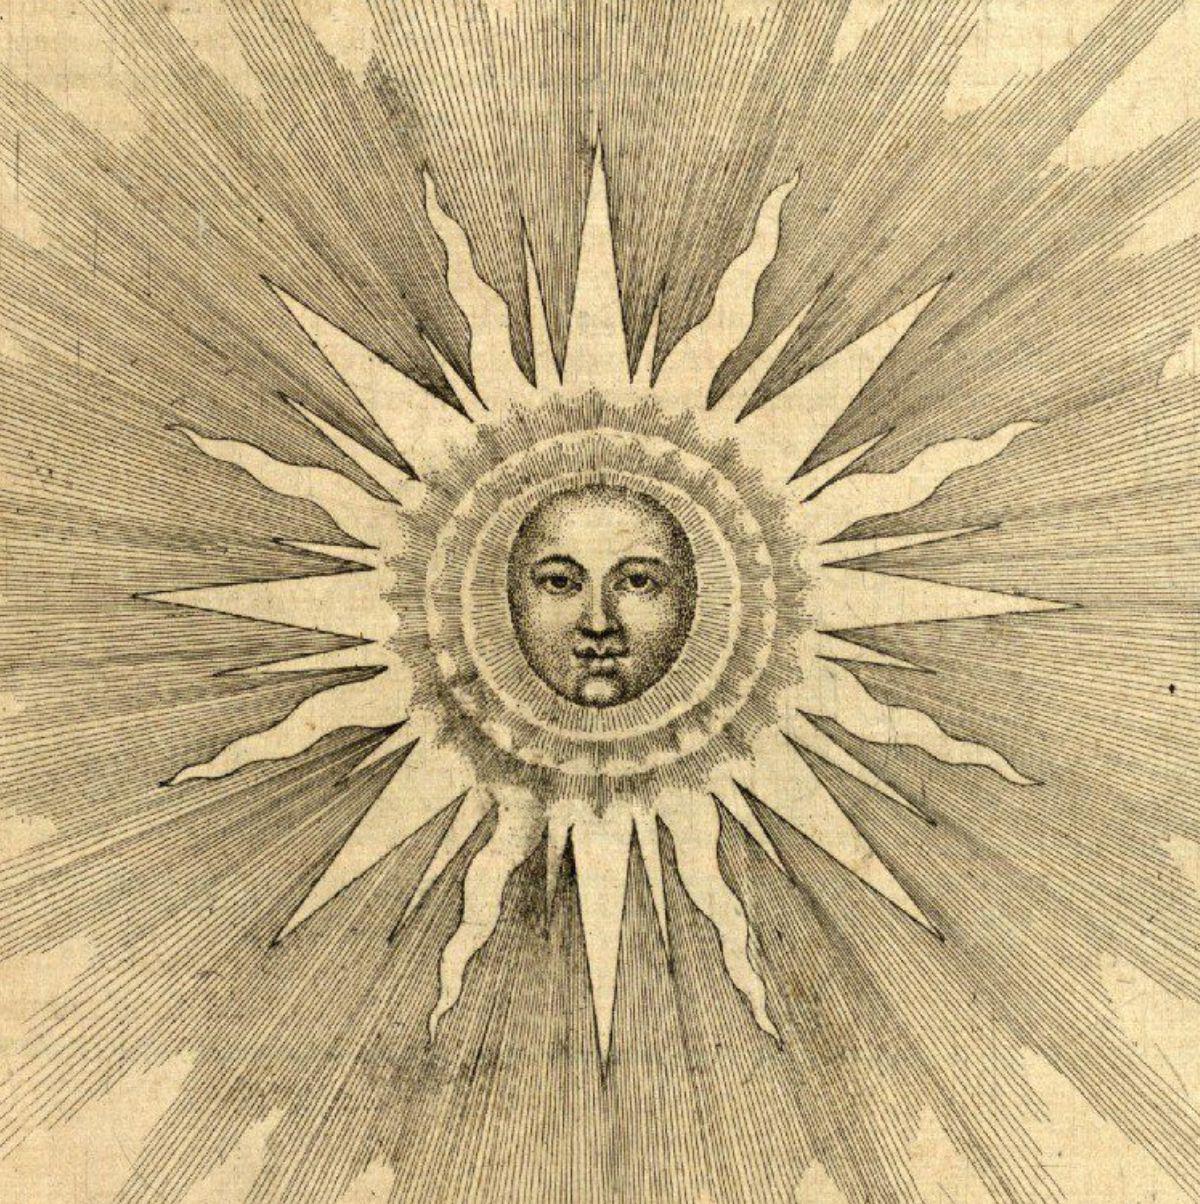 a-forca-expansiva-do-sol-esoterismo-alquimia-universo-energia-cosmica-nosso-blog-robert-fludd.jpg